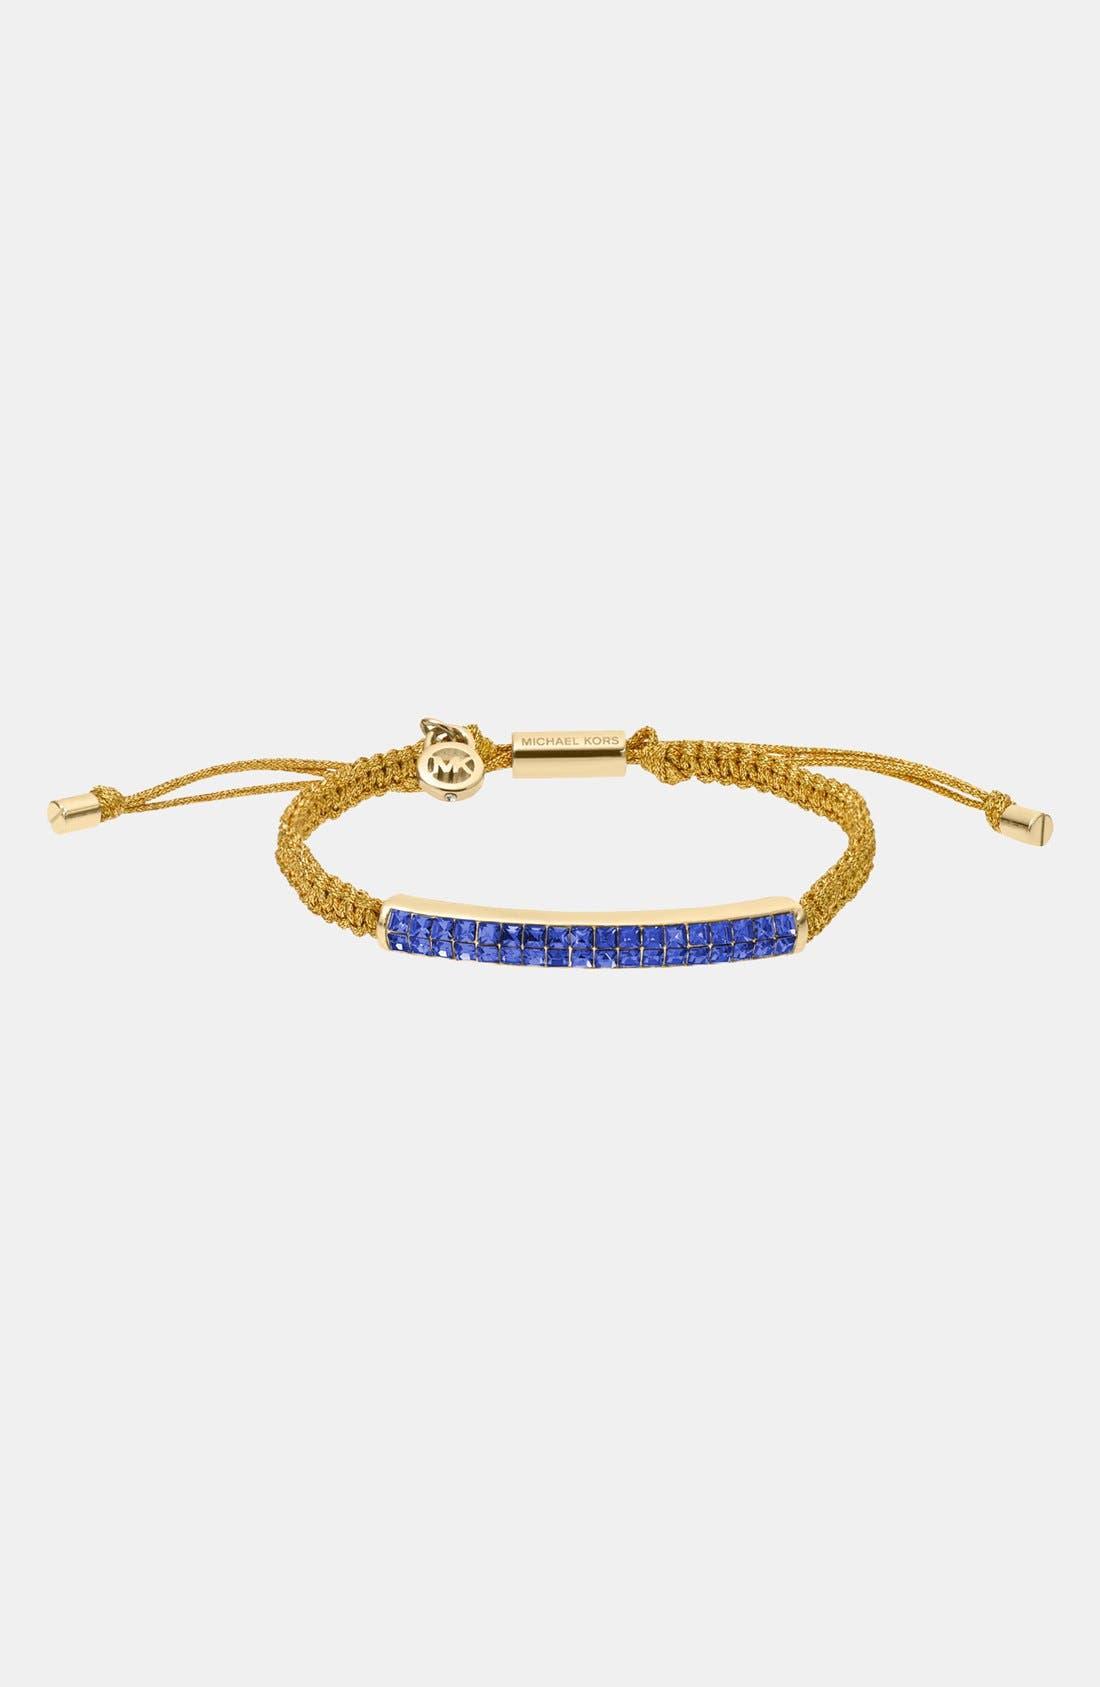 Main Image - Michael Kors 'Brilliance' Macramé Bracelet